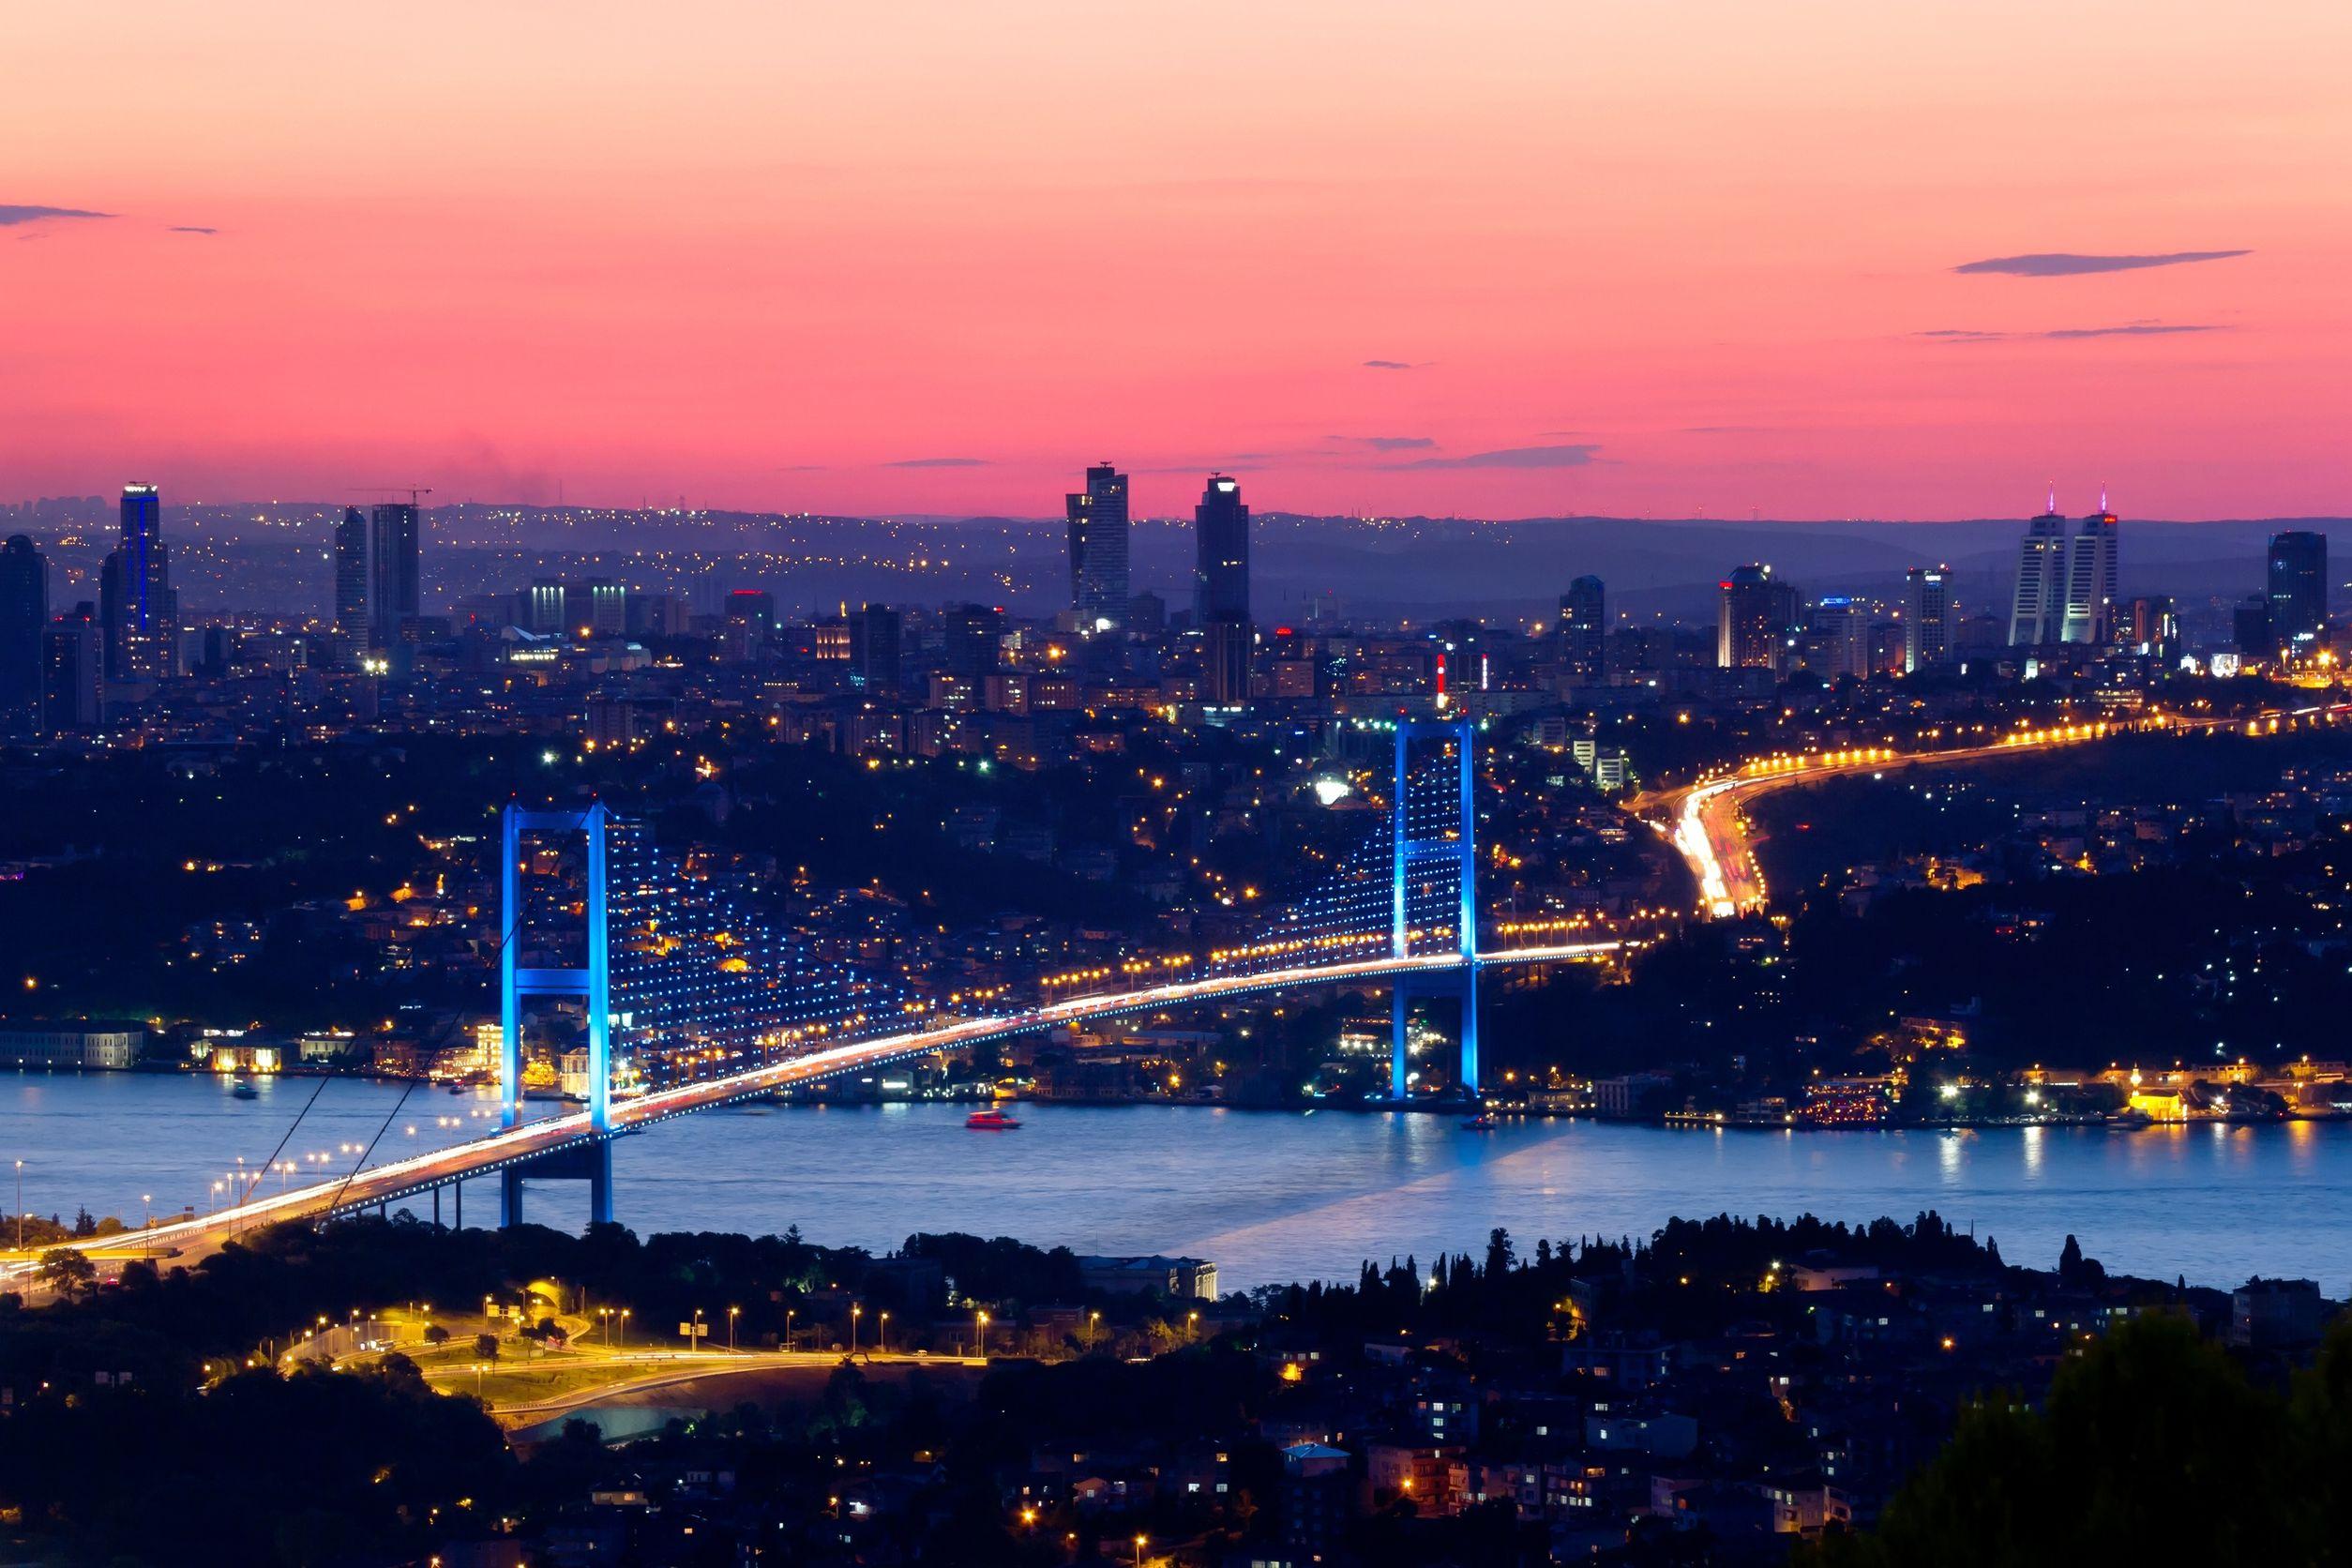 البوسفور، اسطمبول تركيا